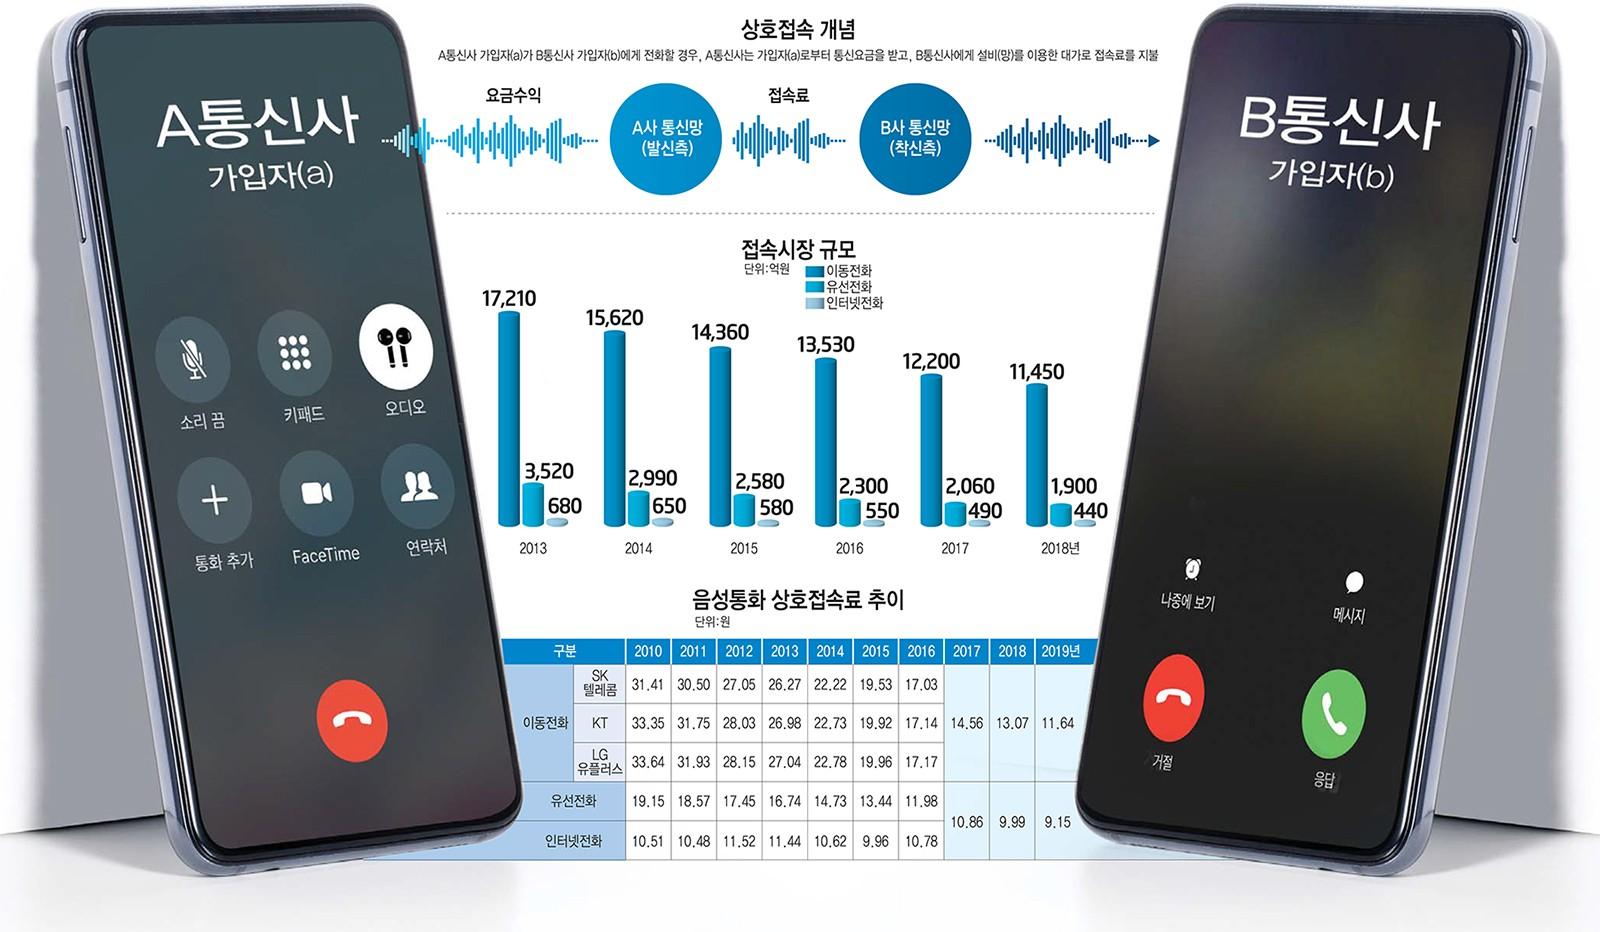 [이슈분석]2020-2021 음성상호접속료 산정 쟁점은